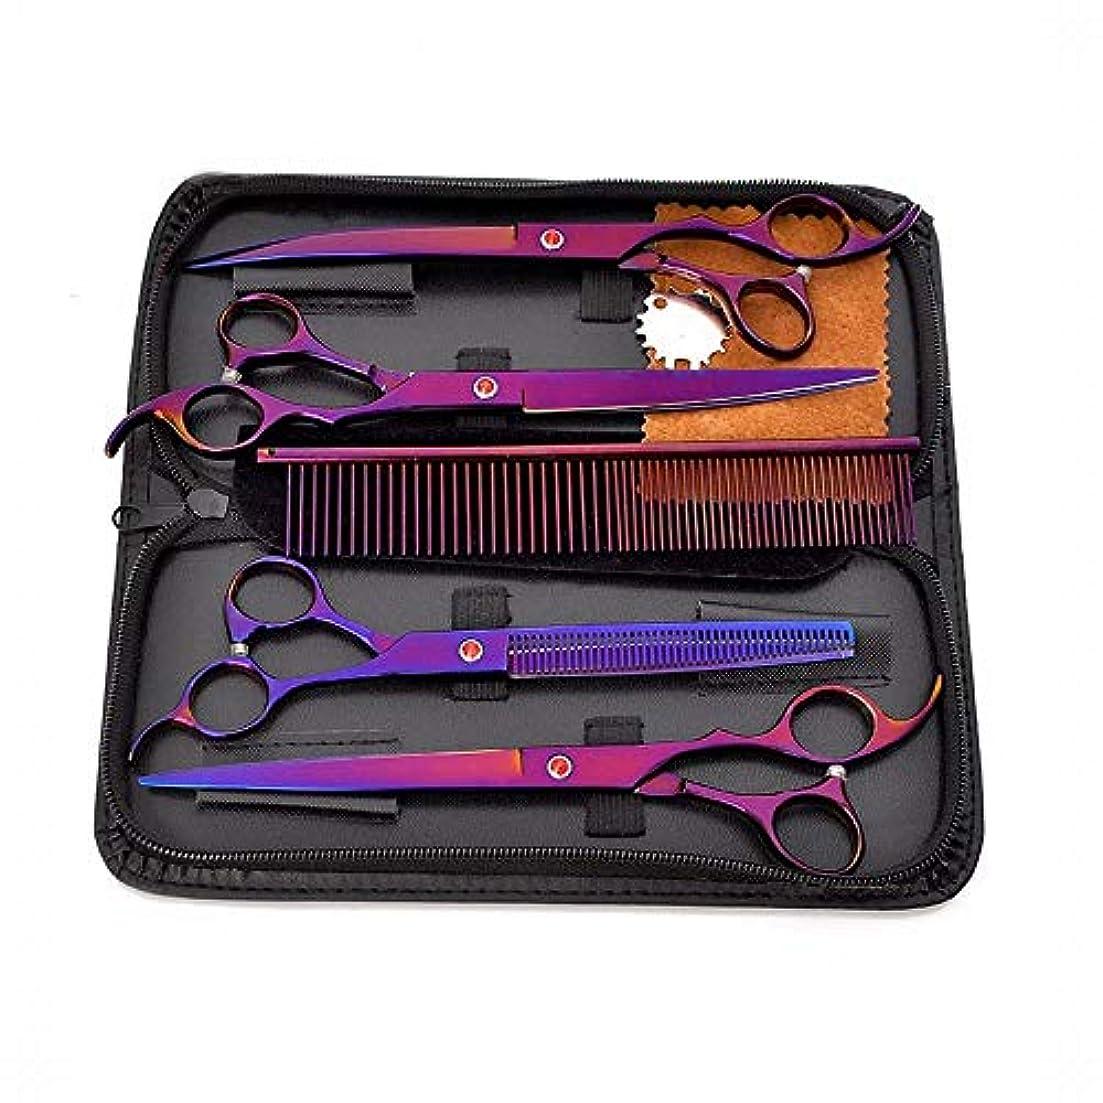 カウンタ相互接続人形8インチペットグルーミングはさみセット4、ステンレス鋼パープルペットプロフェッショナル理髪フラットせん断+歯はさみセット モデリングツール (色 : 紫の)